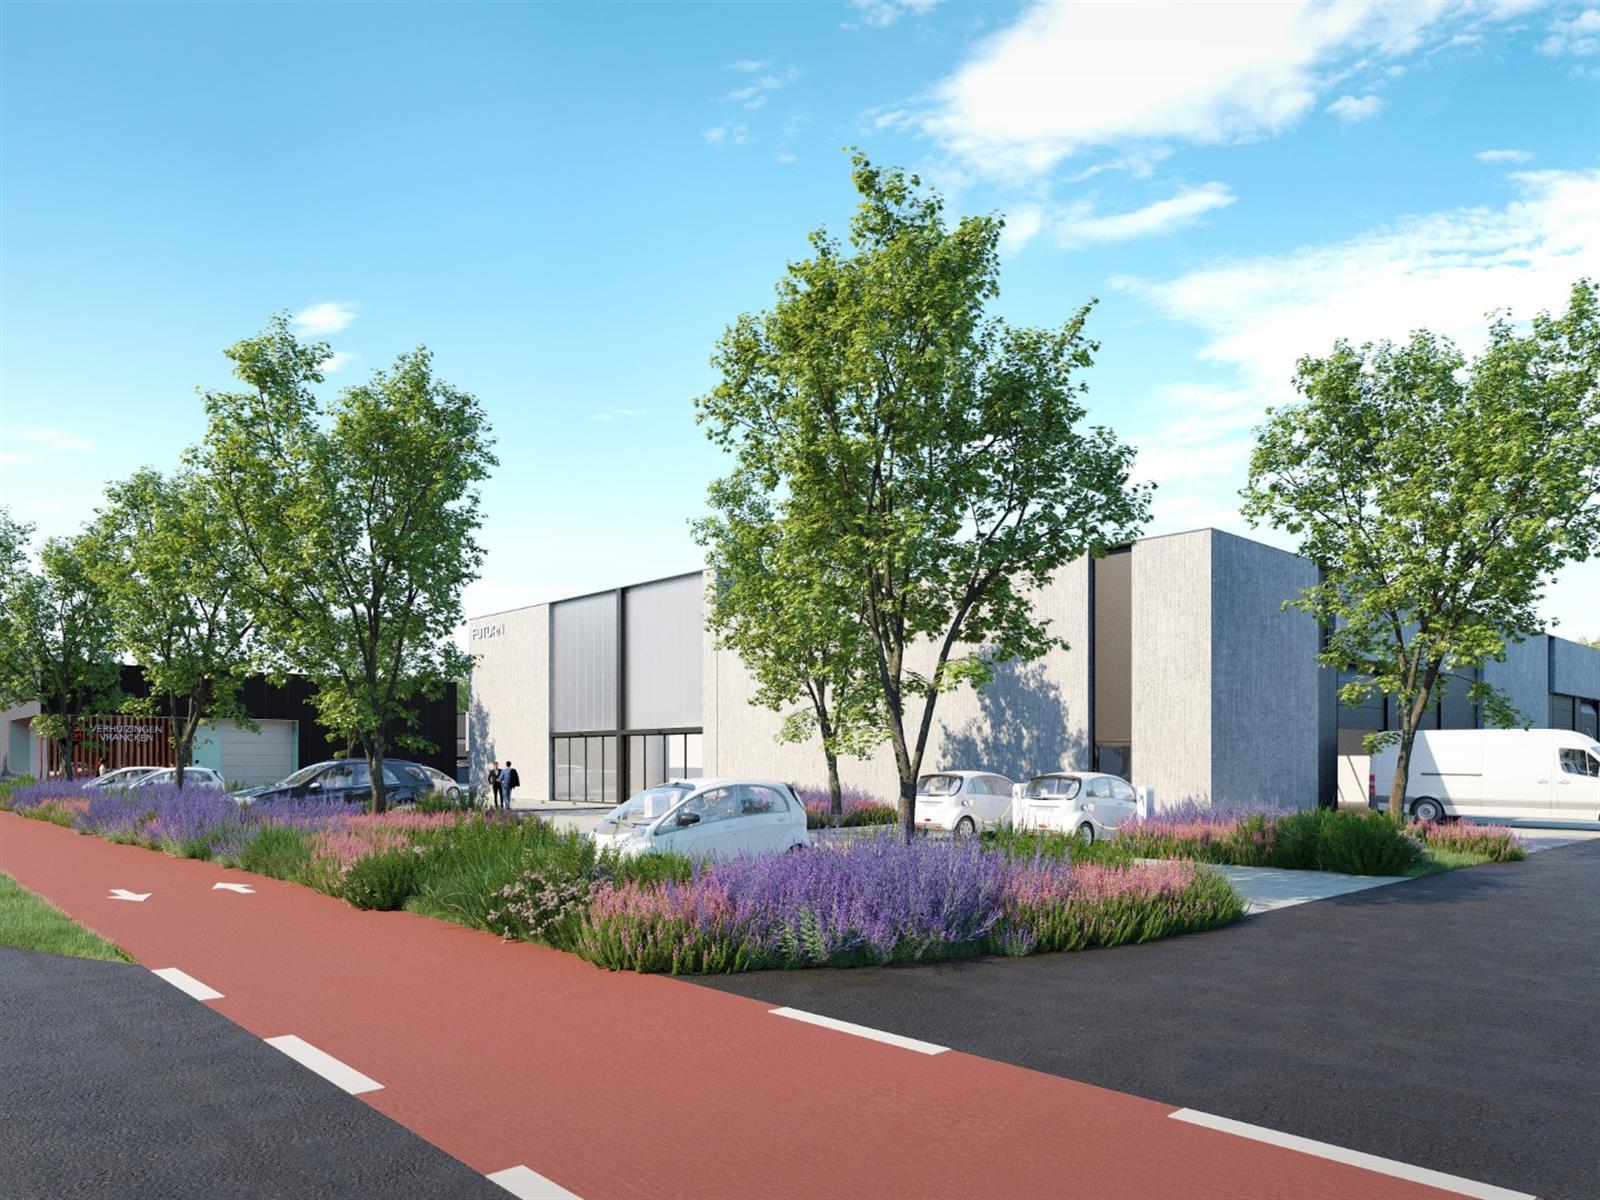 KMO-unit te koop Heros Businesspark KMO Unit 10 - Herkenrodesingel 10, 3500 Hasselt, België 6